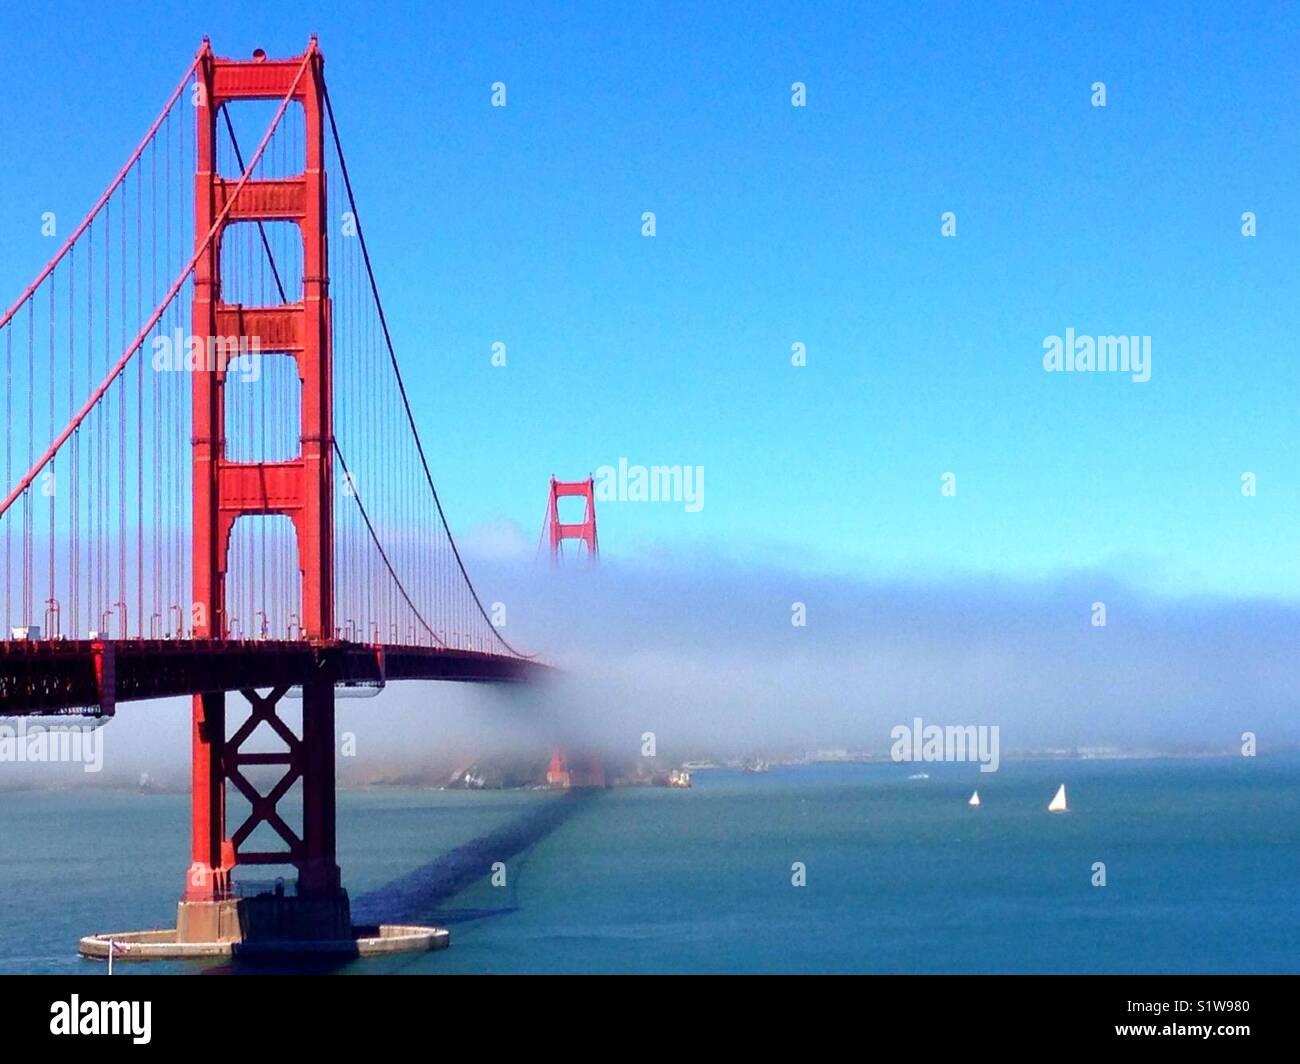 Fog belt over Golden Gate bridge. - Stock Image